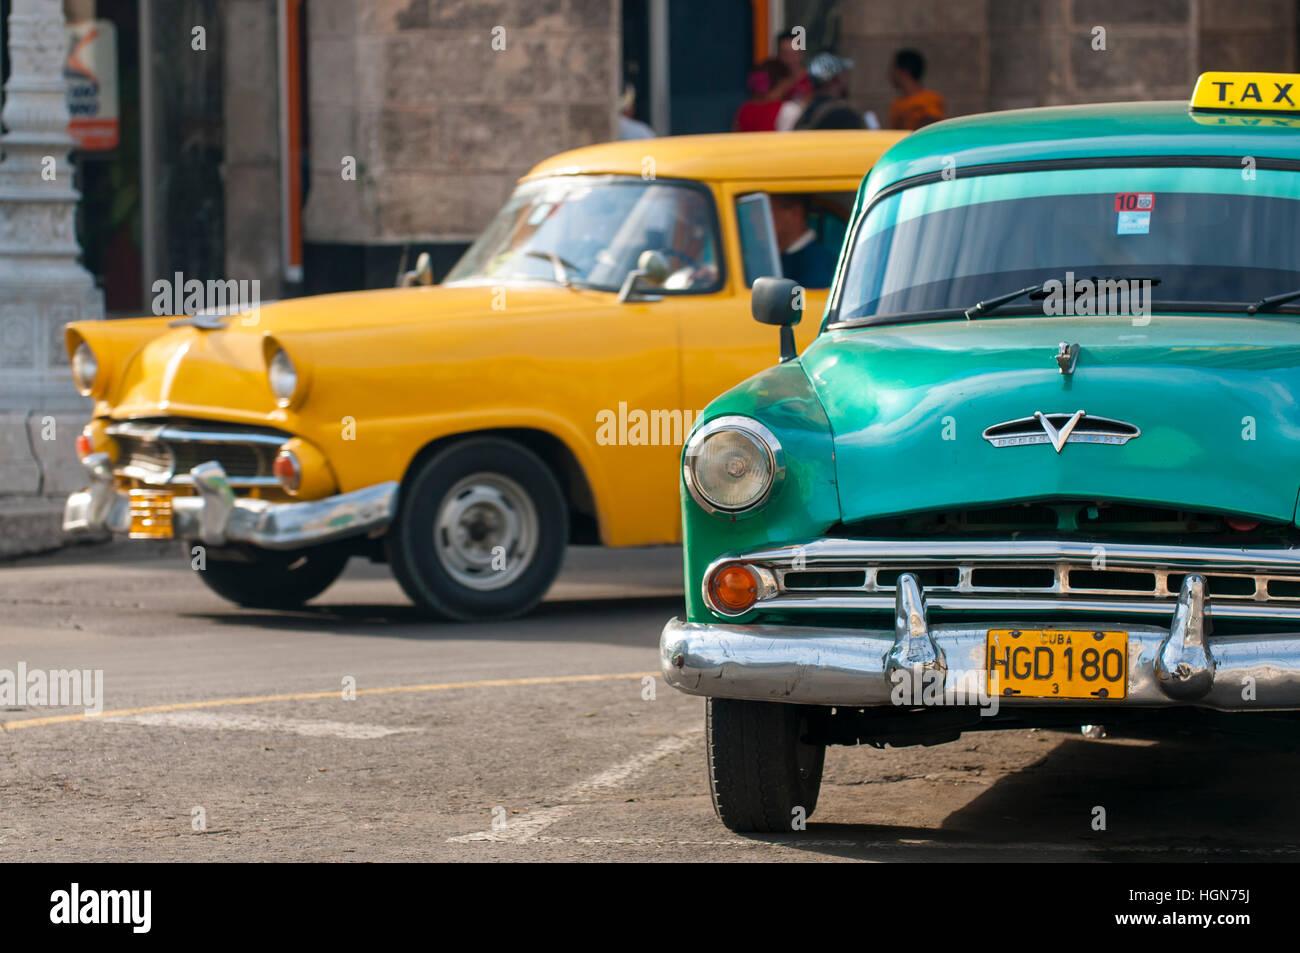 La Havane - Le 13 juin 2011: les voitures de taxi américain classique, symboles de la ville historique, Photo Stock